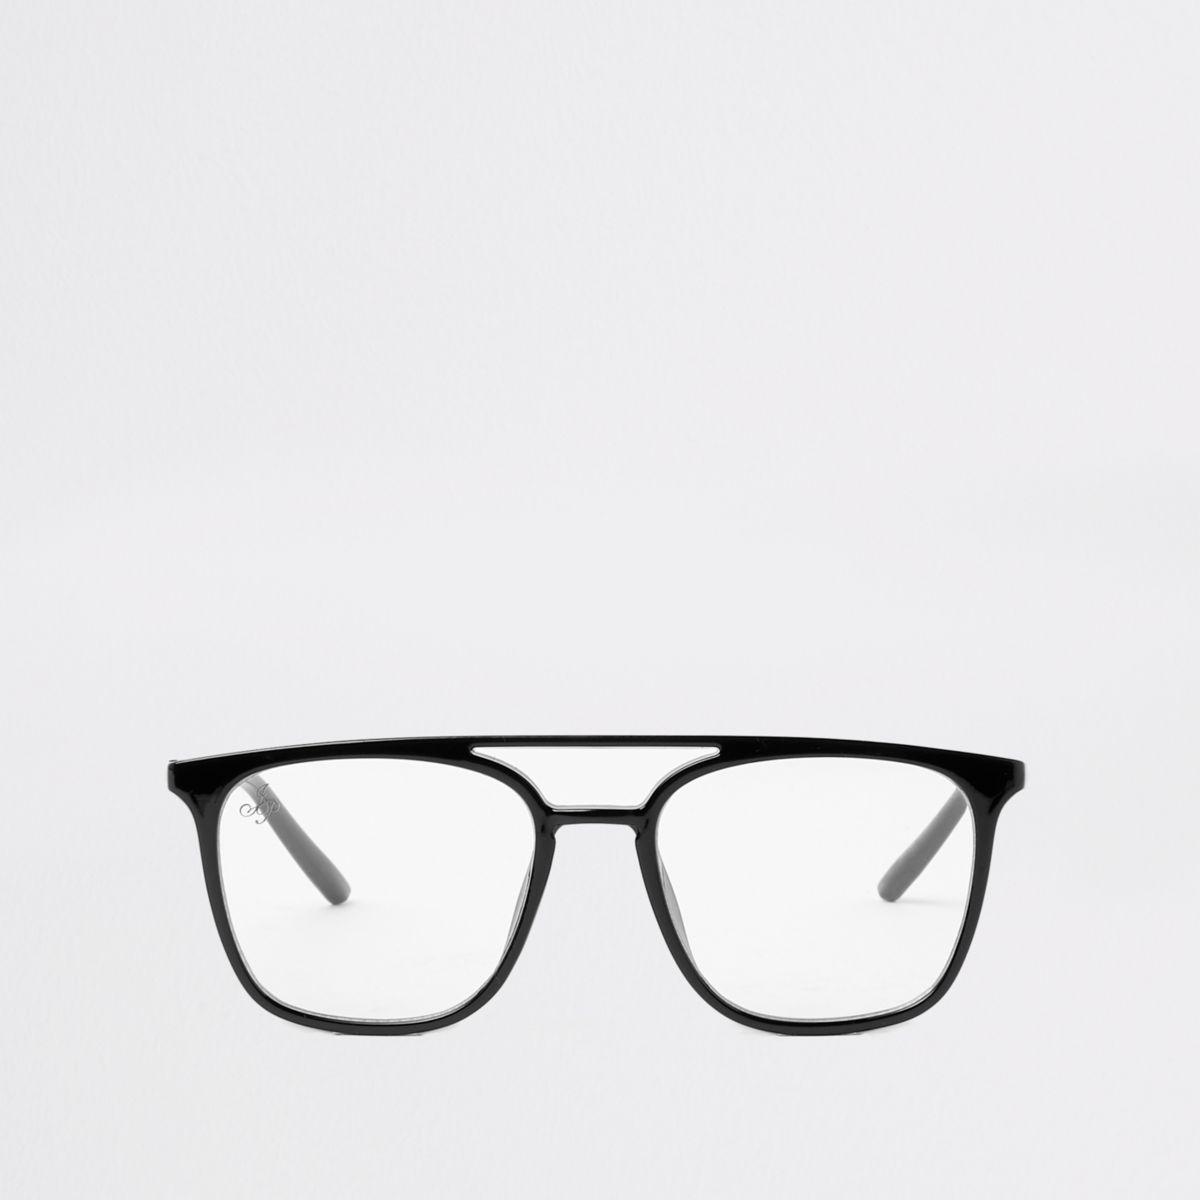 Black clear lens aviator glasses